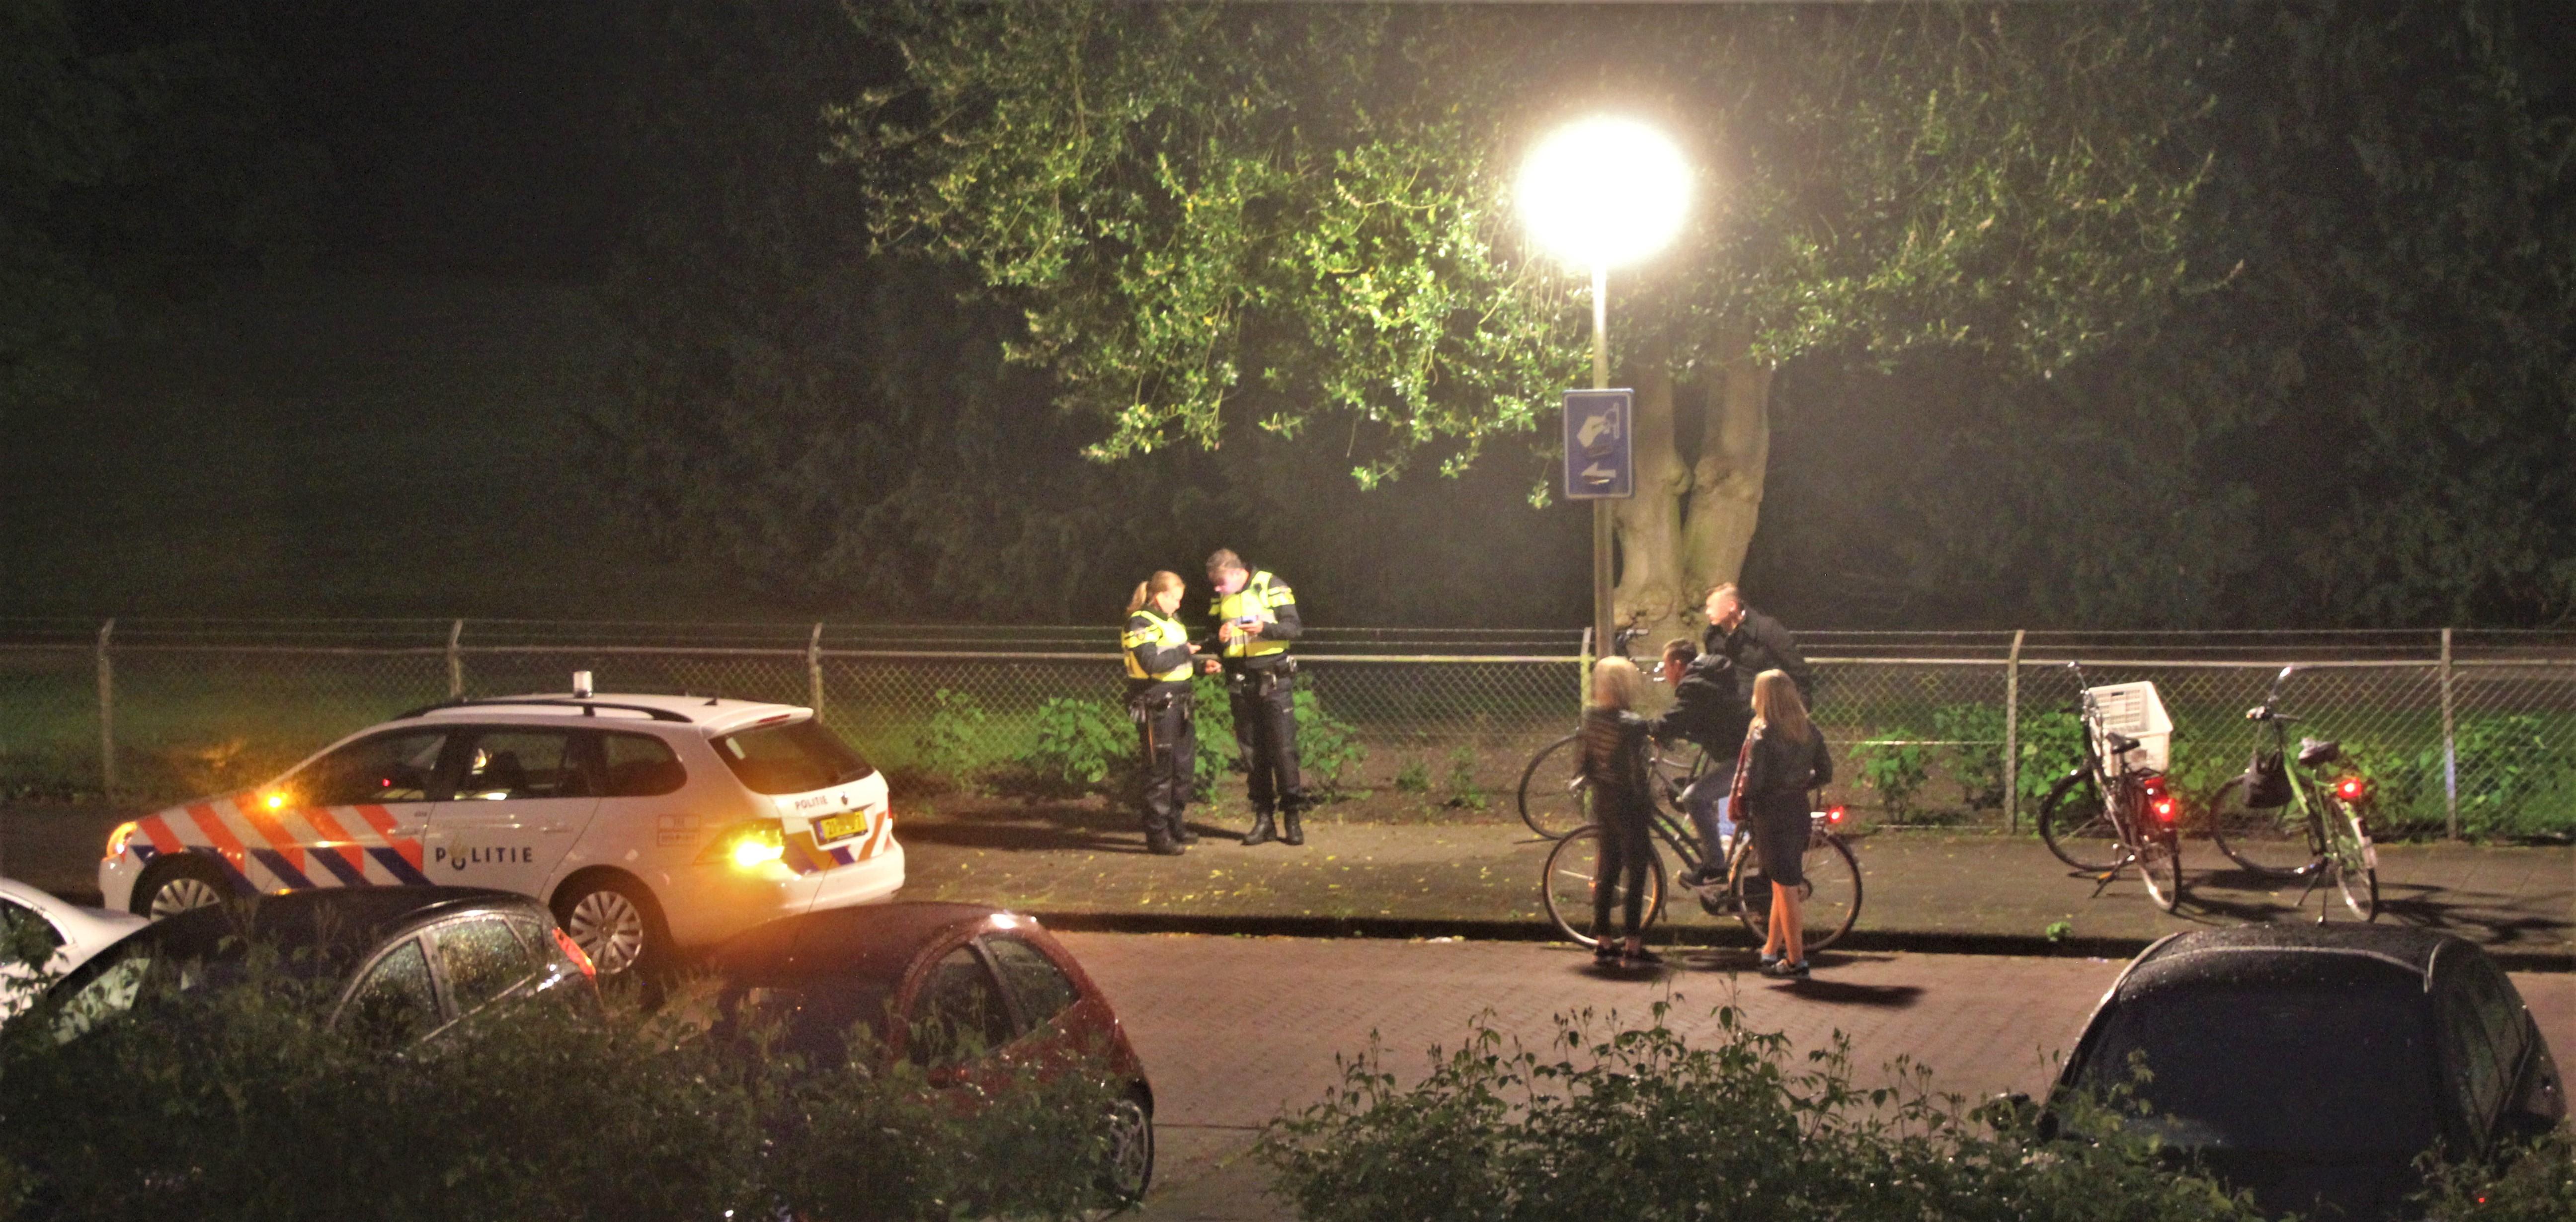 Staandehouding fietsers in de nacht photo